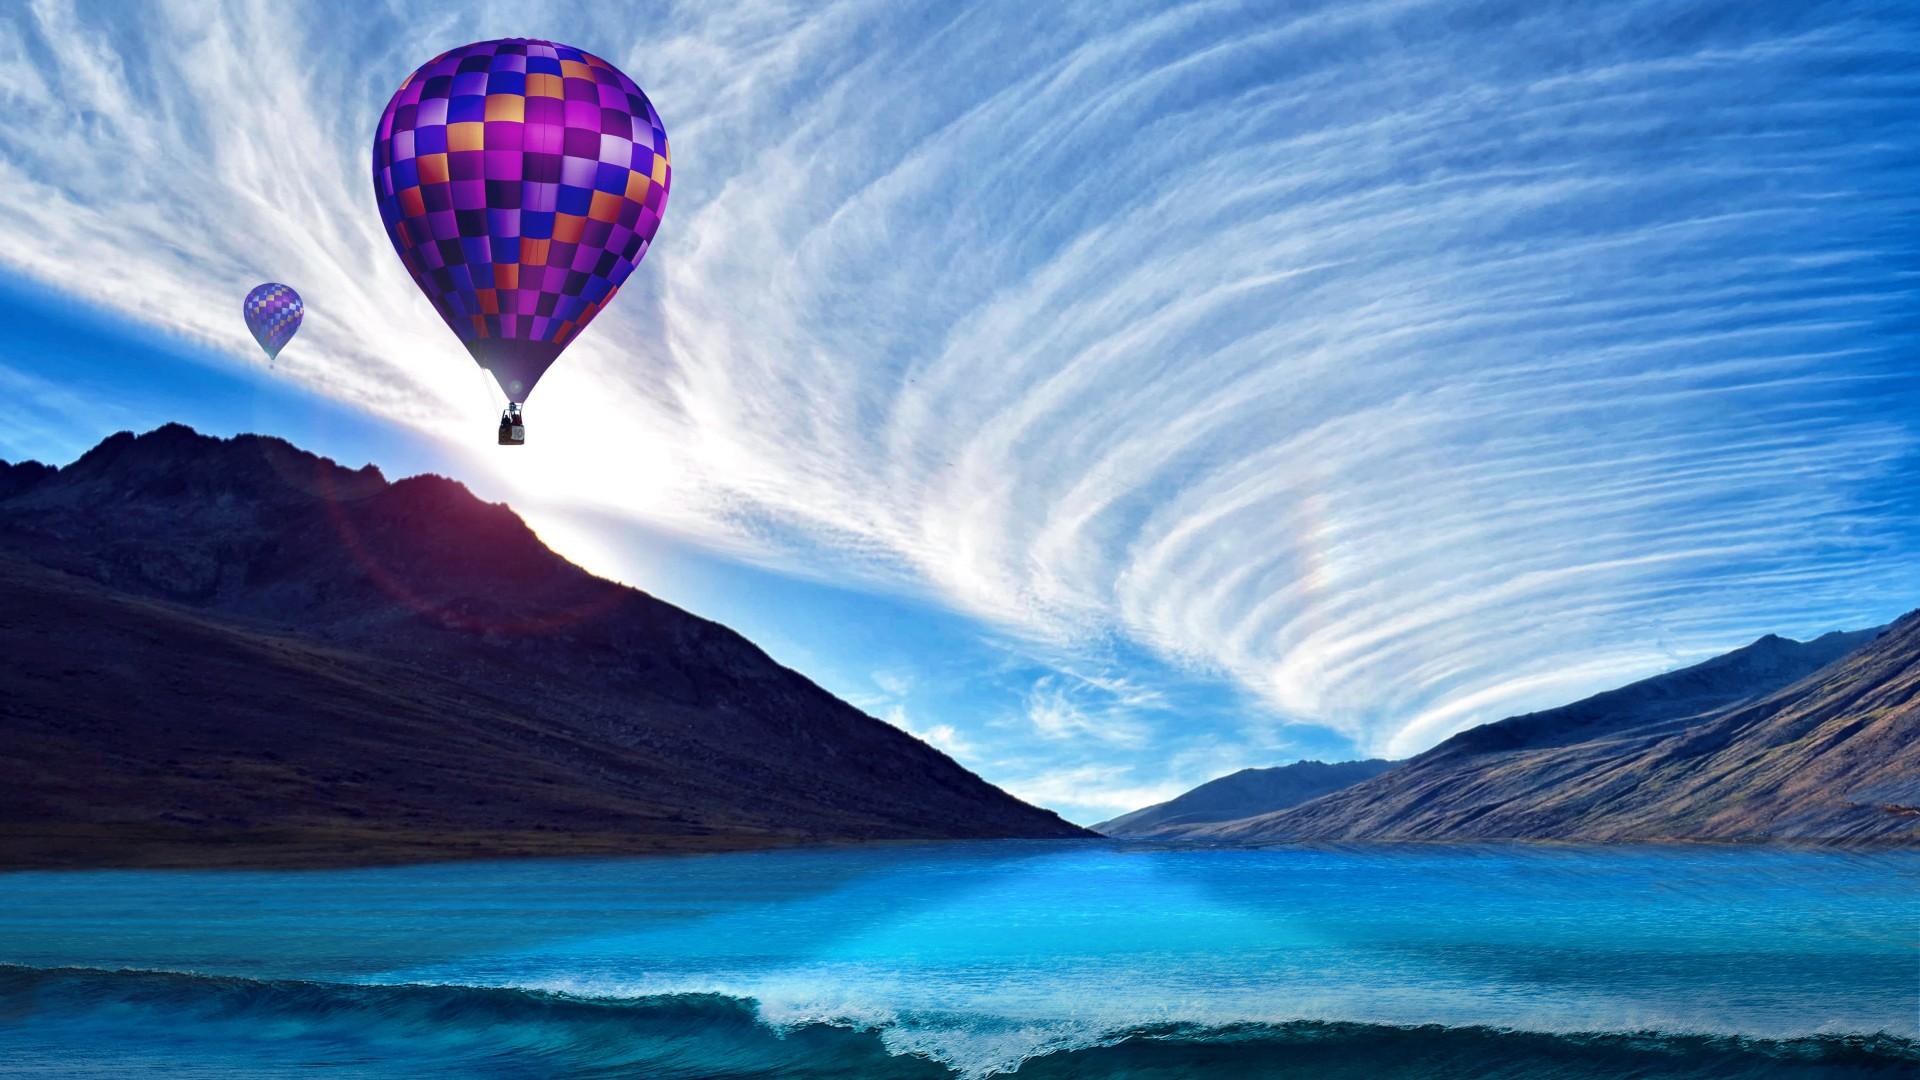 Windows 7 3d Wallpaper Hd Hot Air Ballons 4k Wallpapers Hd Wallpapers Id 26710